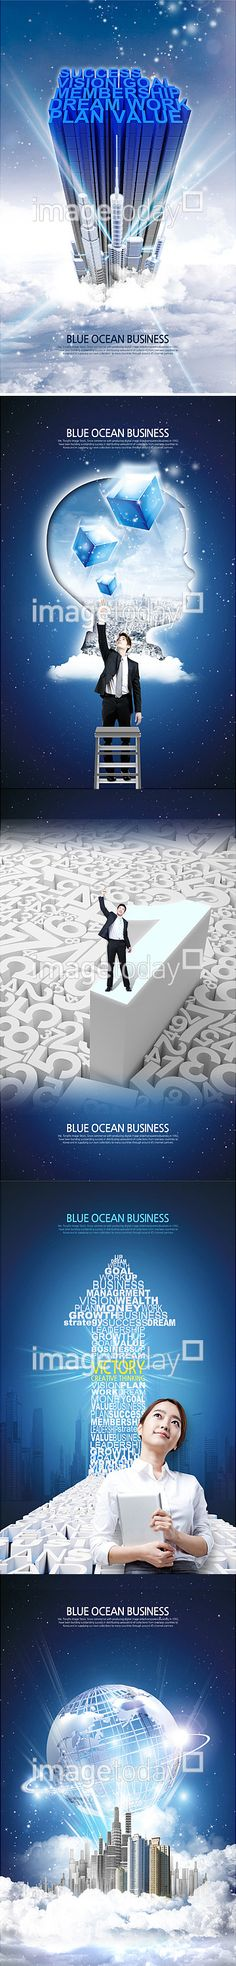 디자인소스 #이미지투데이 #imagetoday #클립아트코리아 #clipartkorea #통로이미지 #tongroimages 광채 도약 문자 백그라운드 블루 비즈니스 빌딩 성공 성장 영어 이펙트 컨셉 합성 도전 숫자 타이포그래피 design source text background blue business building success grow effect english concept composition challenge number typography